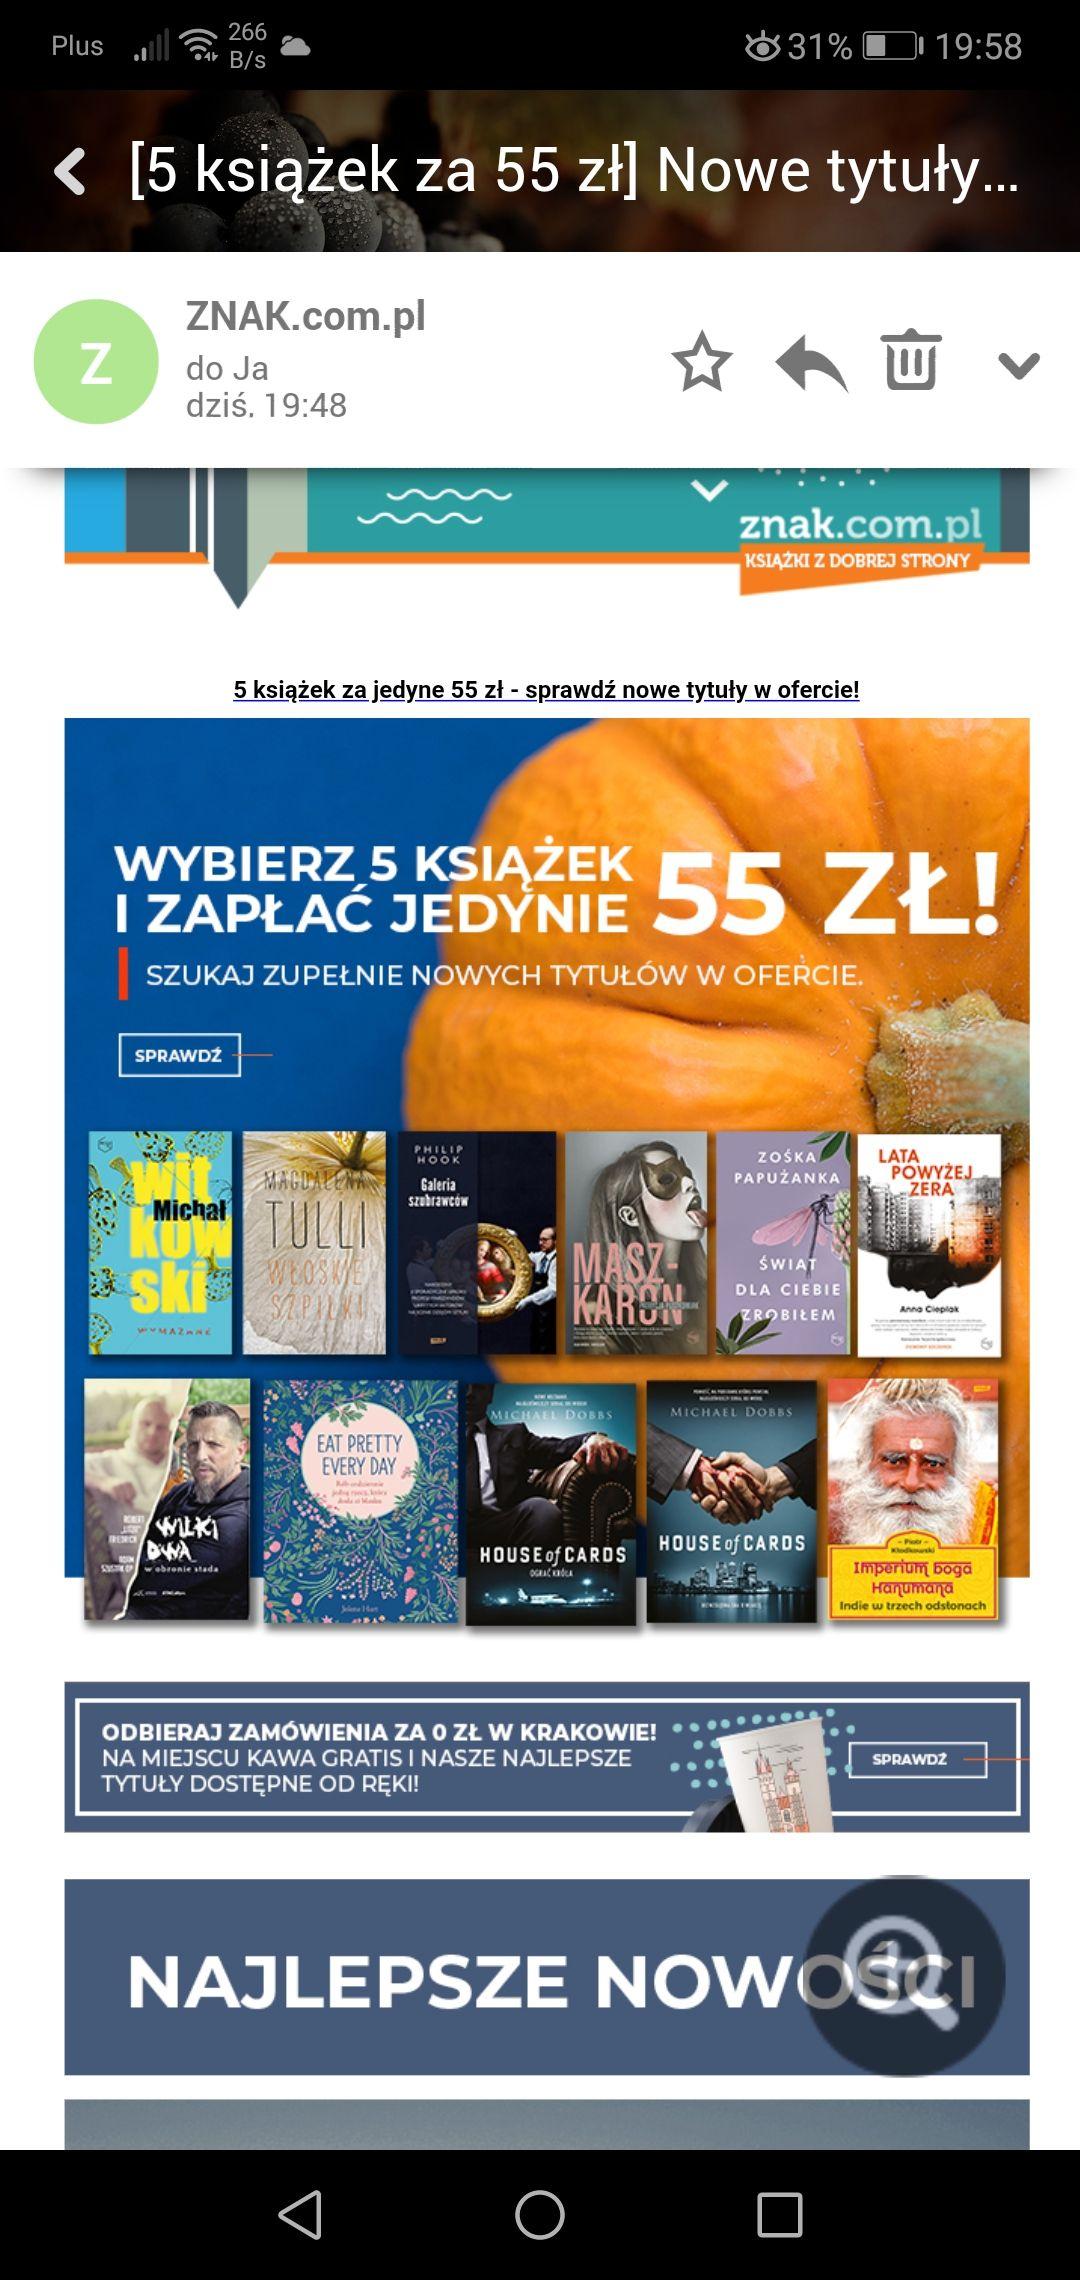 5 ksiażek za 55zł / Znak.com.pl